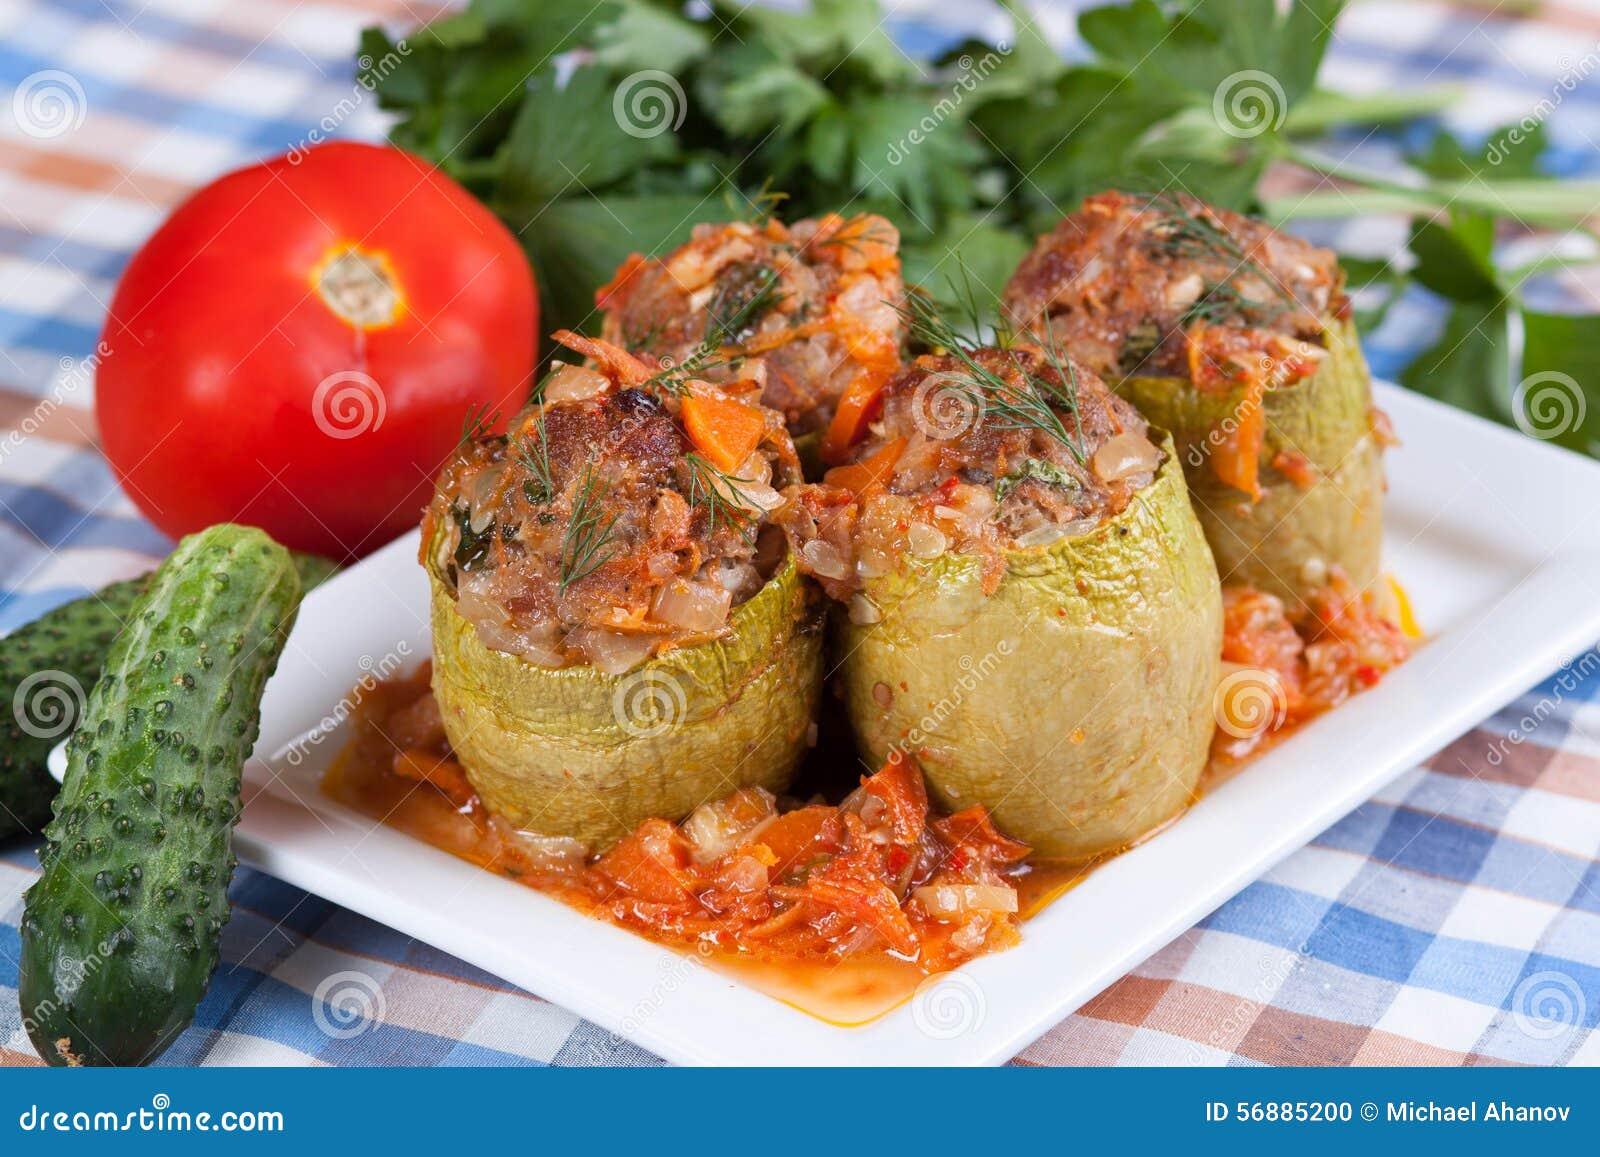 Zucchini farcito in salsa al pomodoro